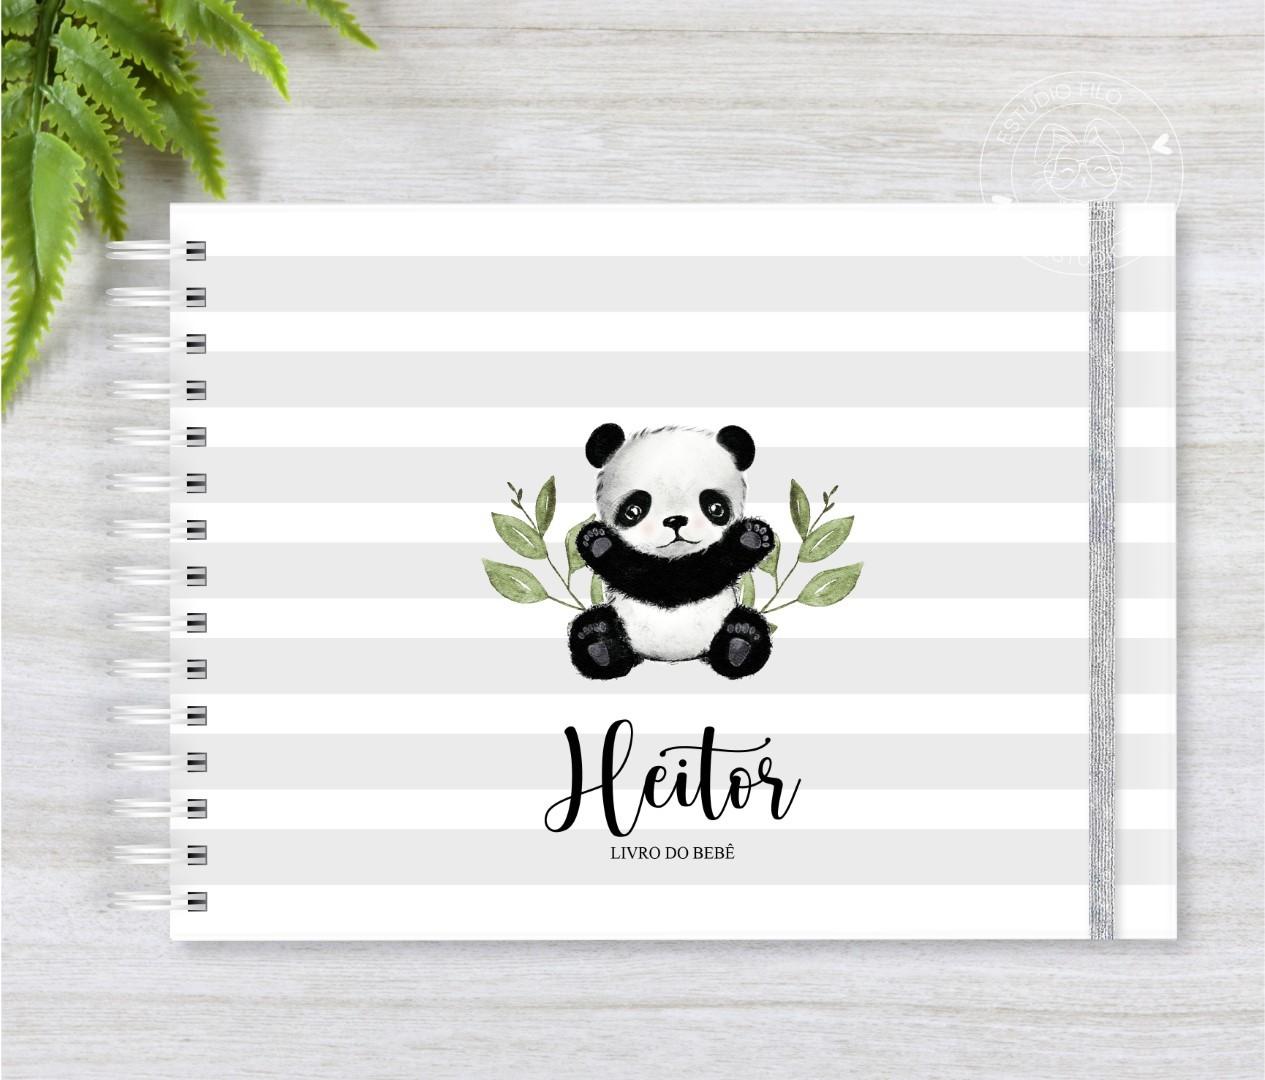 Livro do bebê Panda